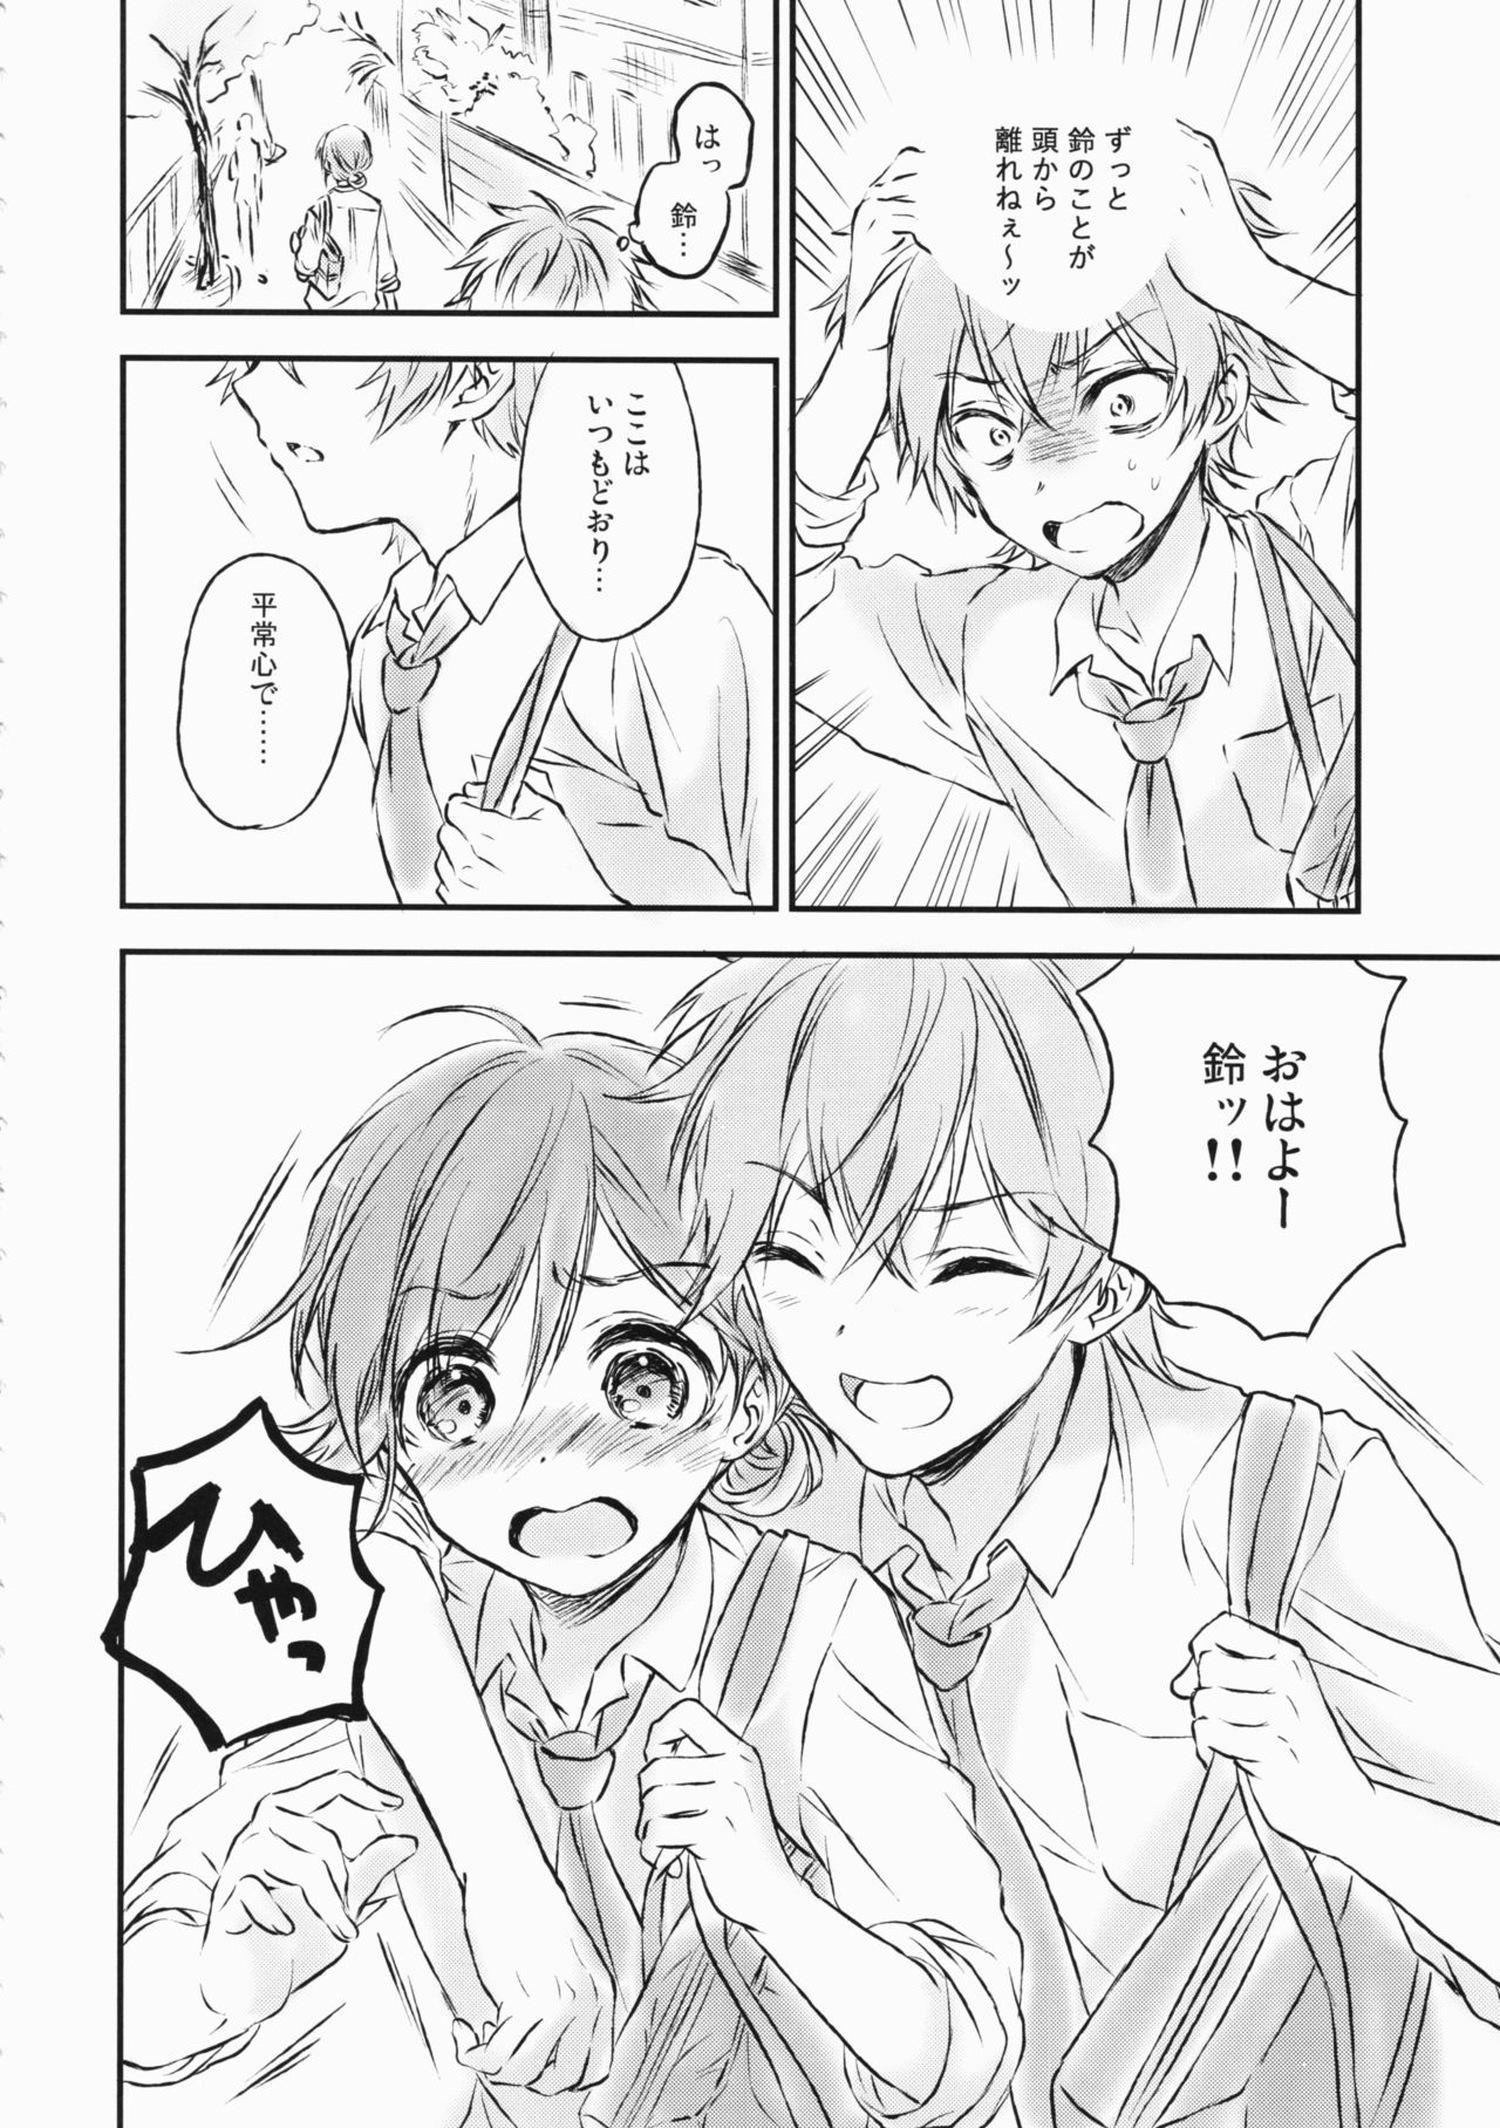 ポニーテールの女装男子とイチャラブセックスwww【エロ漫画・エロ同人】 (3)